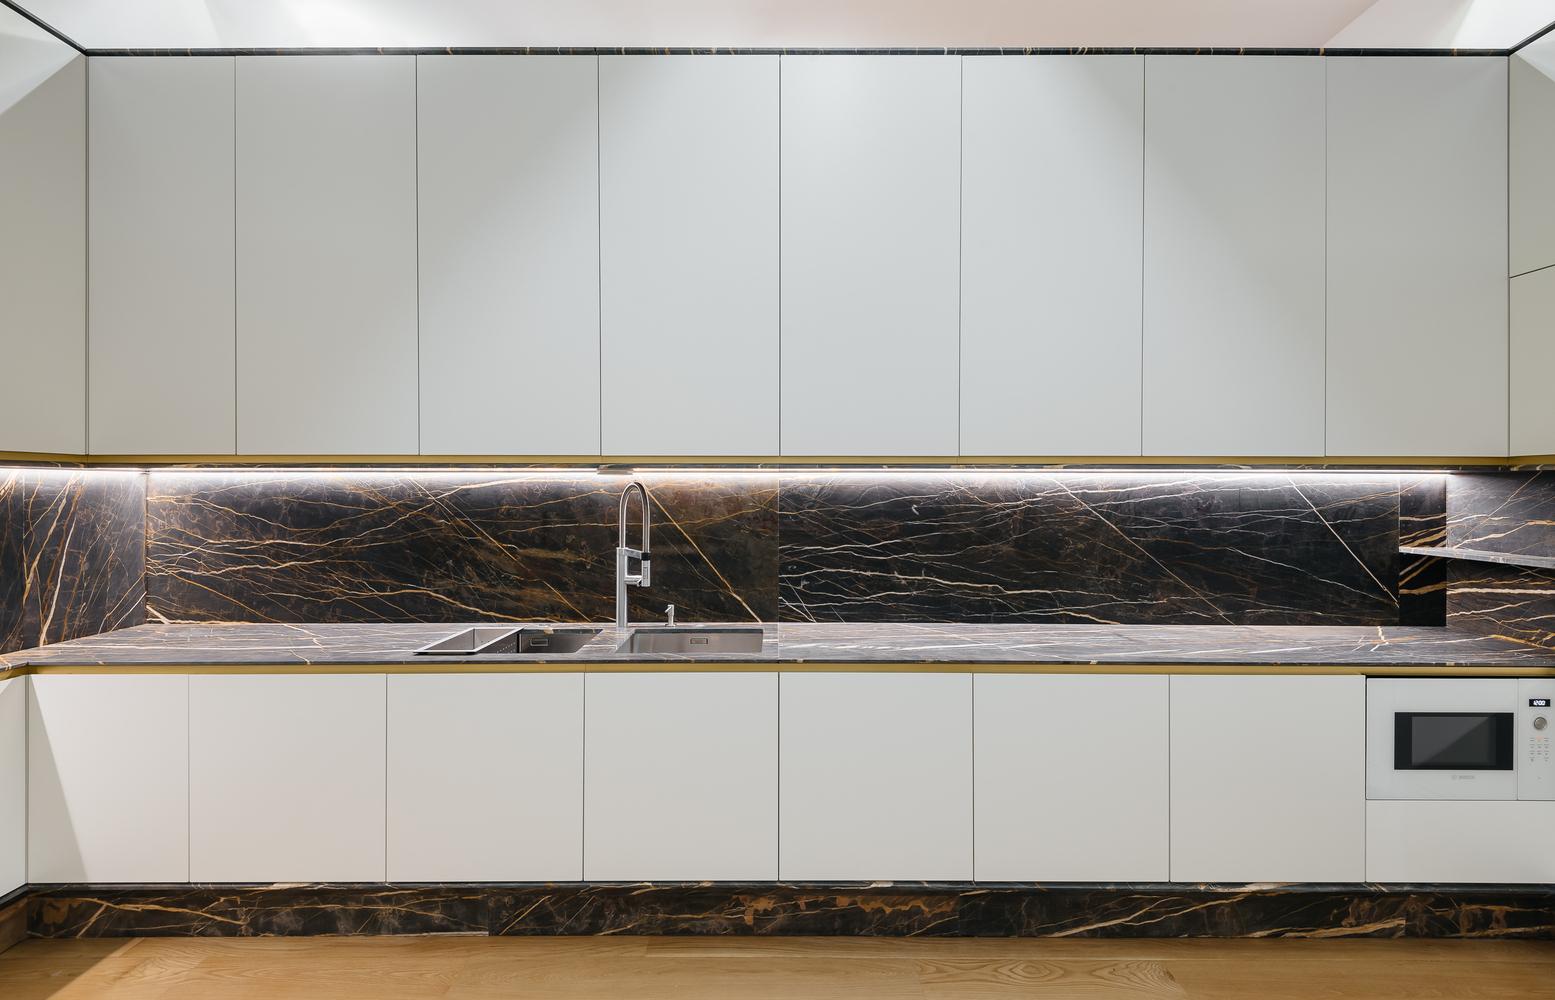 Hệ tủ bếp màu trắng không tay cầm tạo cảm giác thoáng đãng hơn cho không gian.